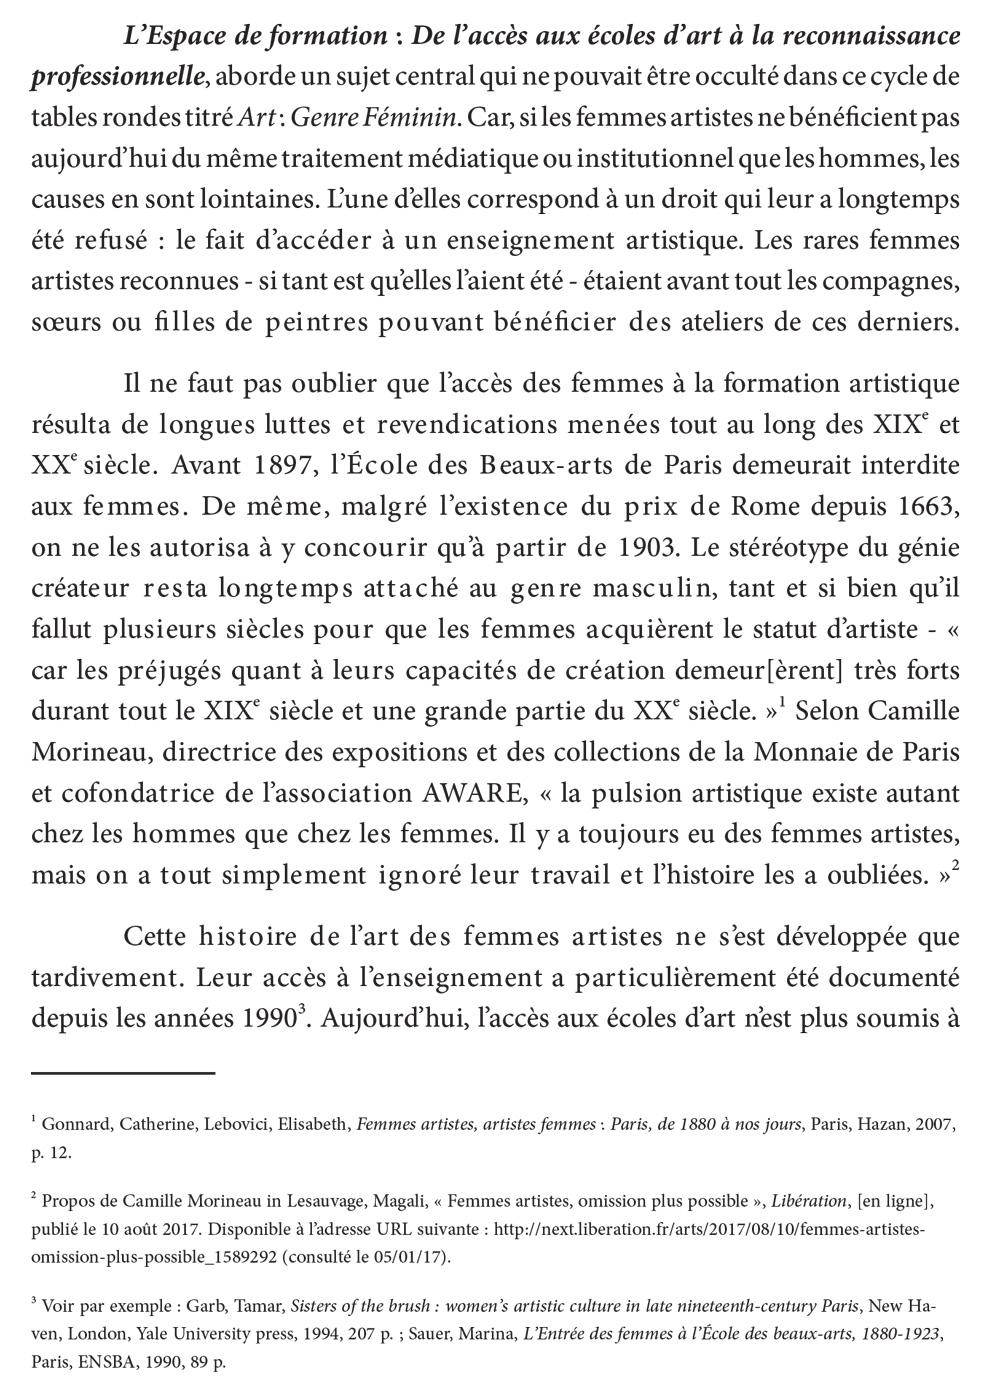 Espace-de-formation_livret-web-2